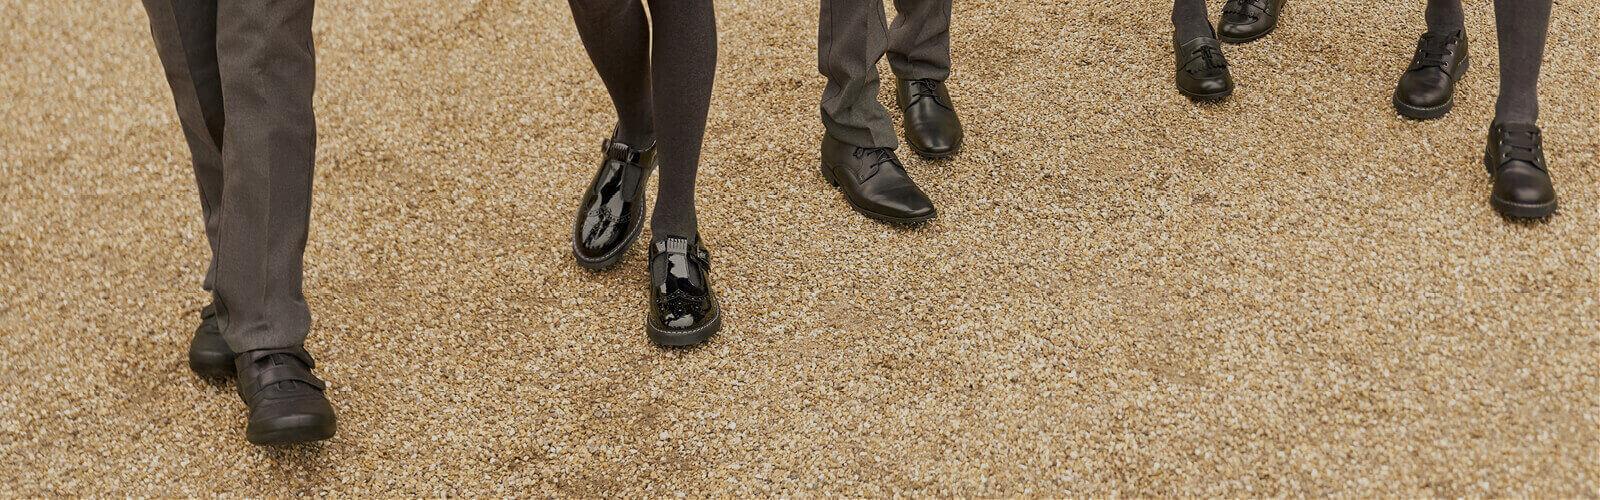 Children in Start-Rite Shoes